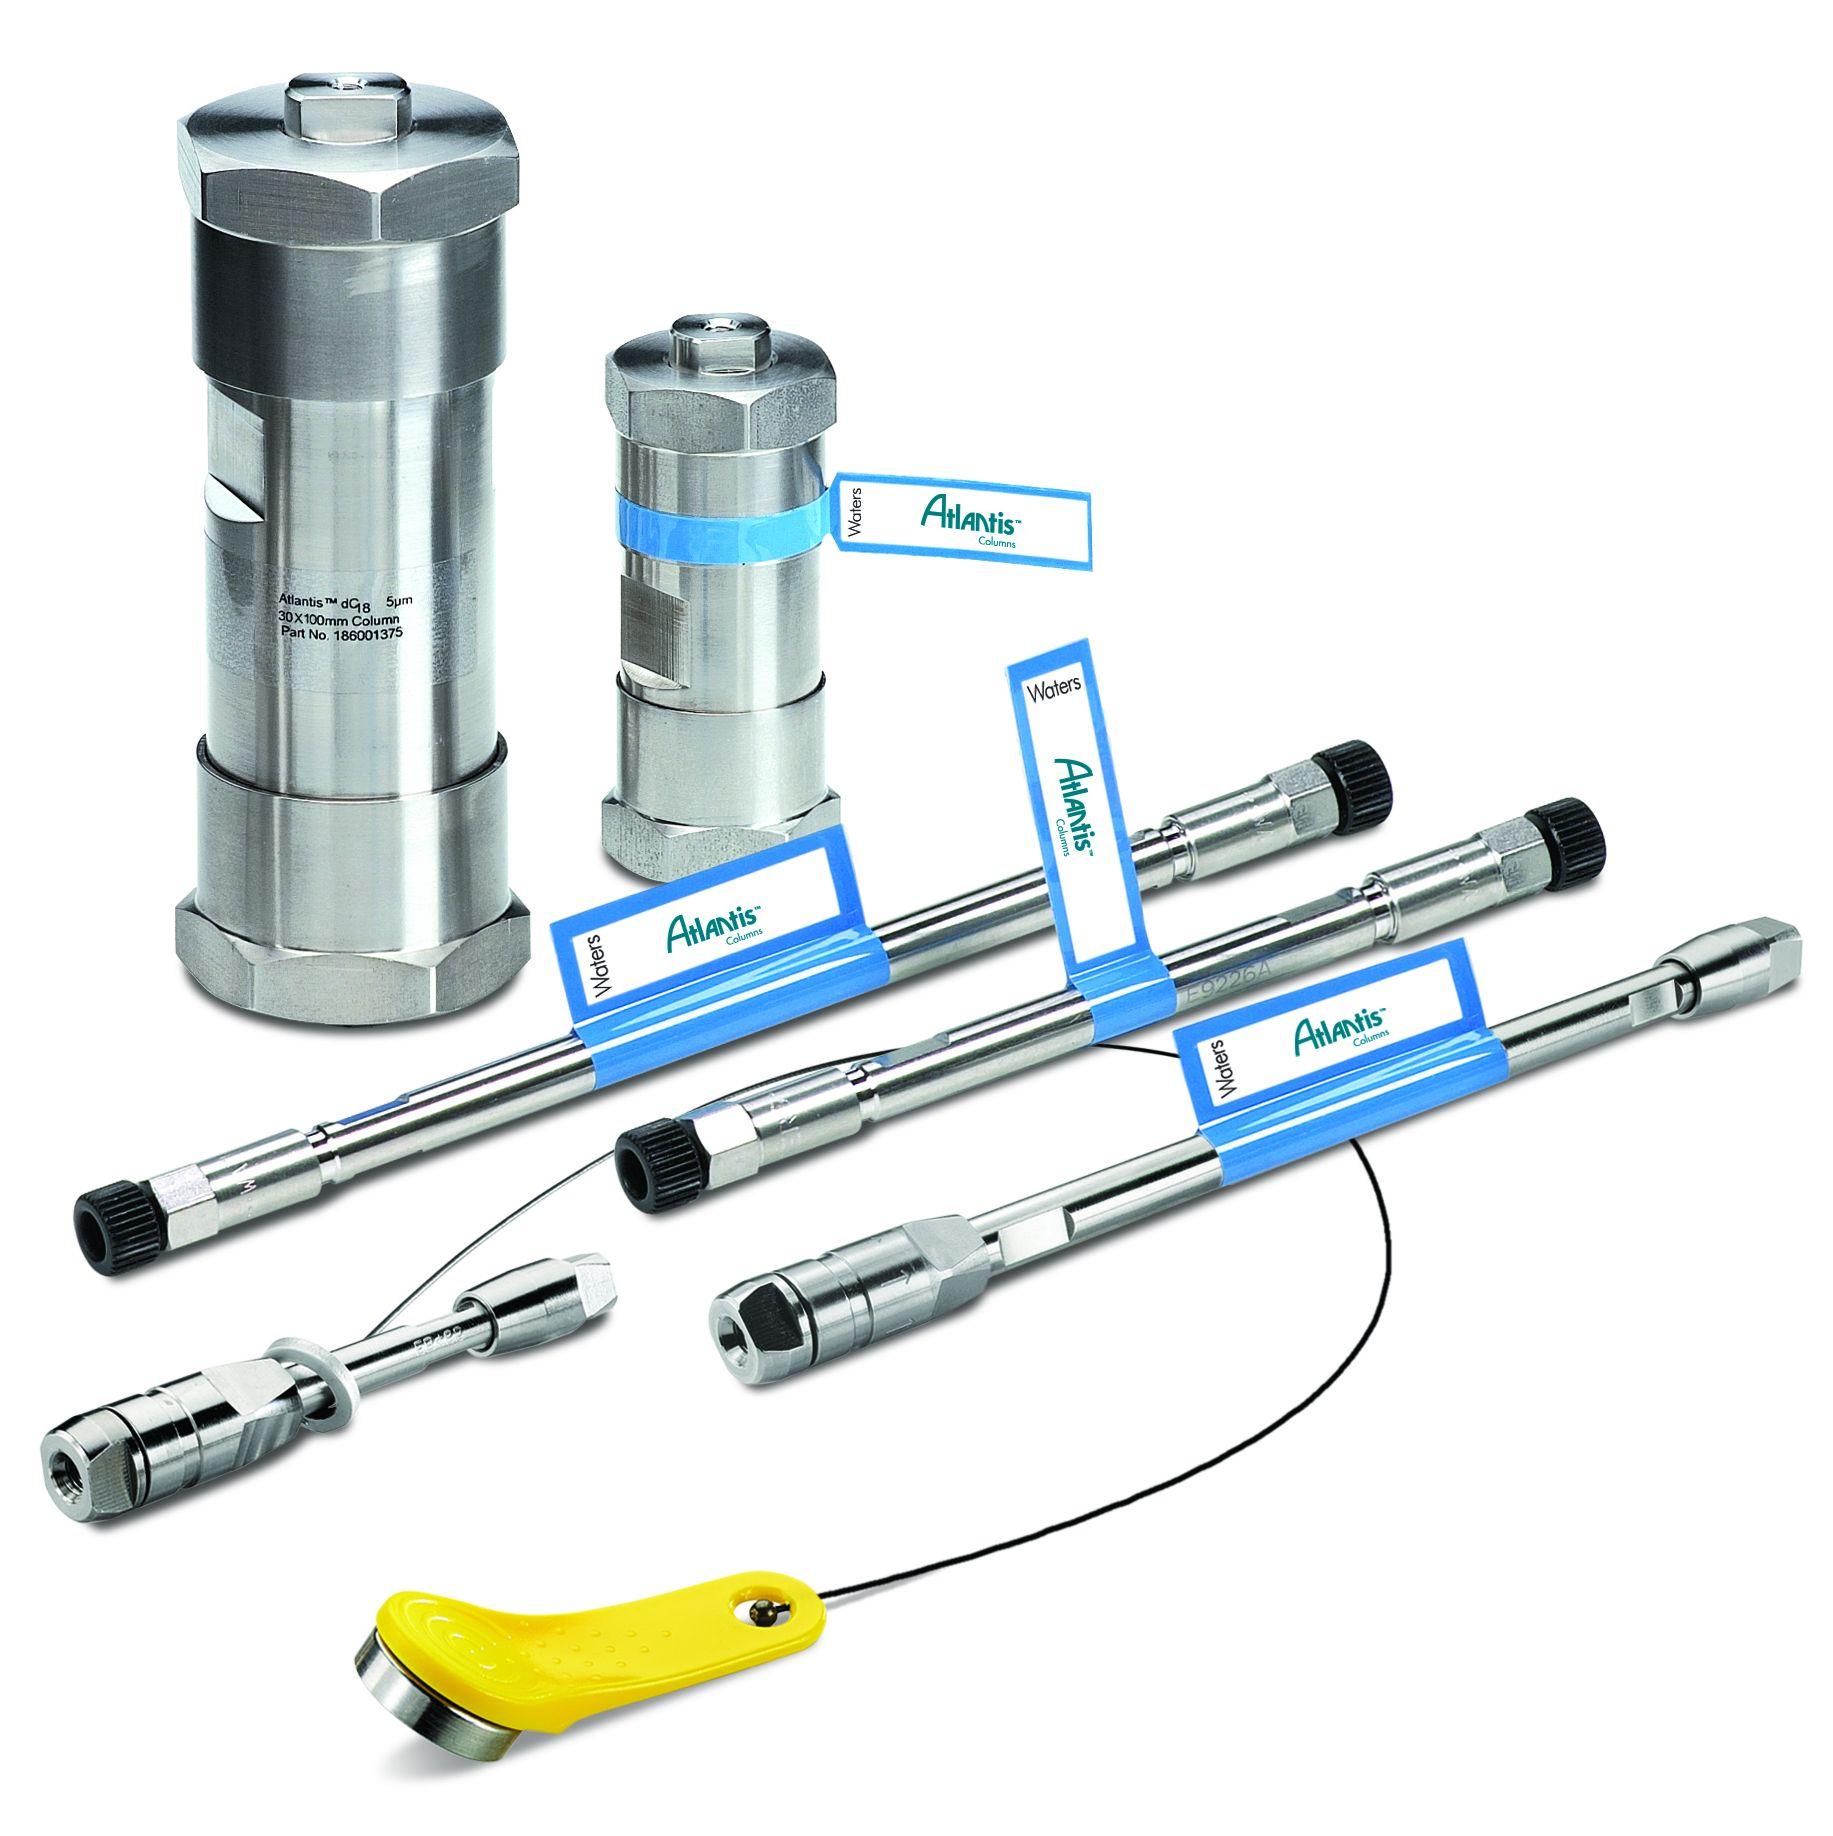 176003894沃特世液相色谱柱CORTECS UPLC T3 Column, 120Å, 1.6 µm, 2.1 mm X 100 mm, 3/pkg厂家特价